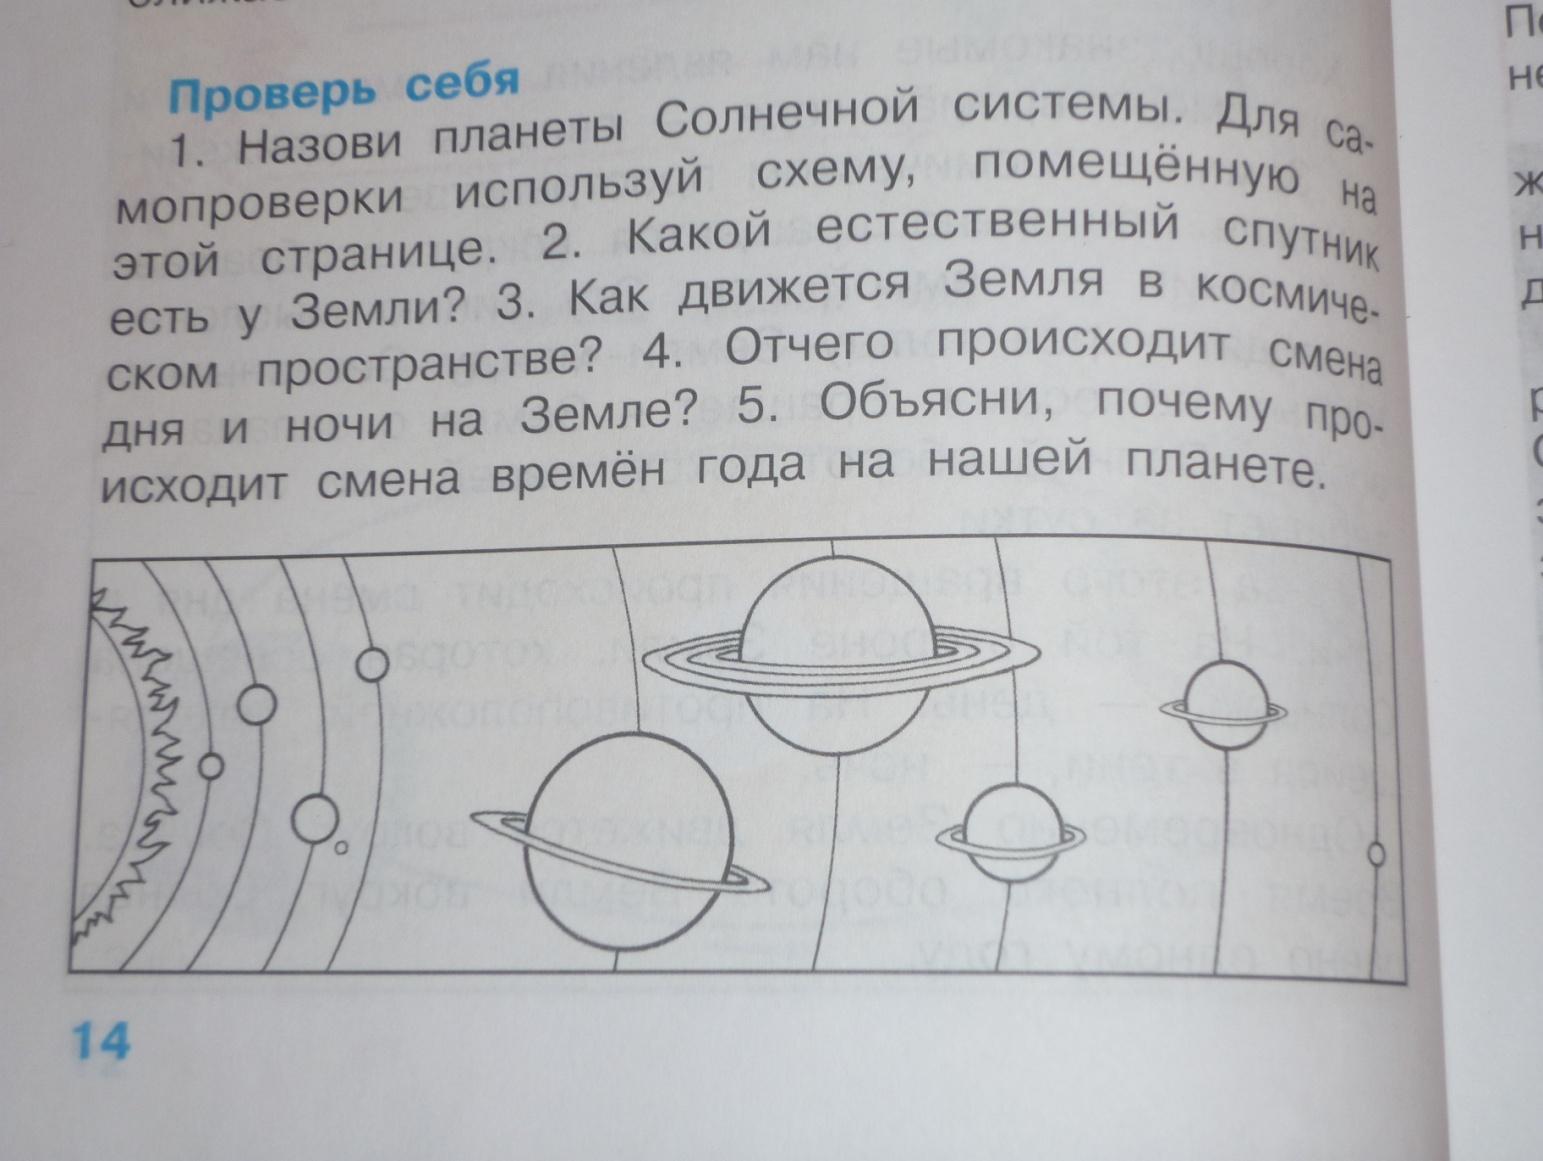 C:\Users\Татьяна Владимировна\Desktop\P1030970.JPG